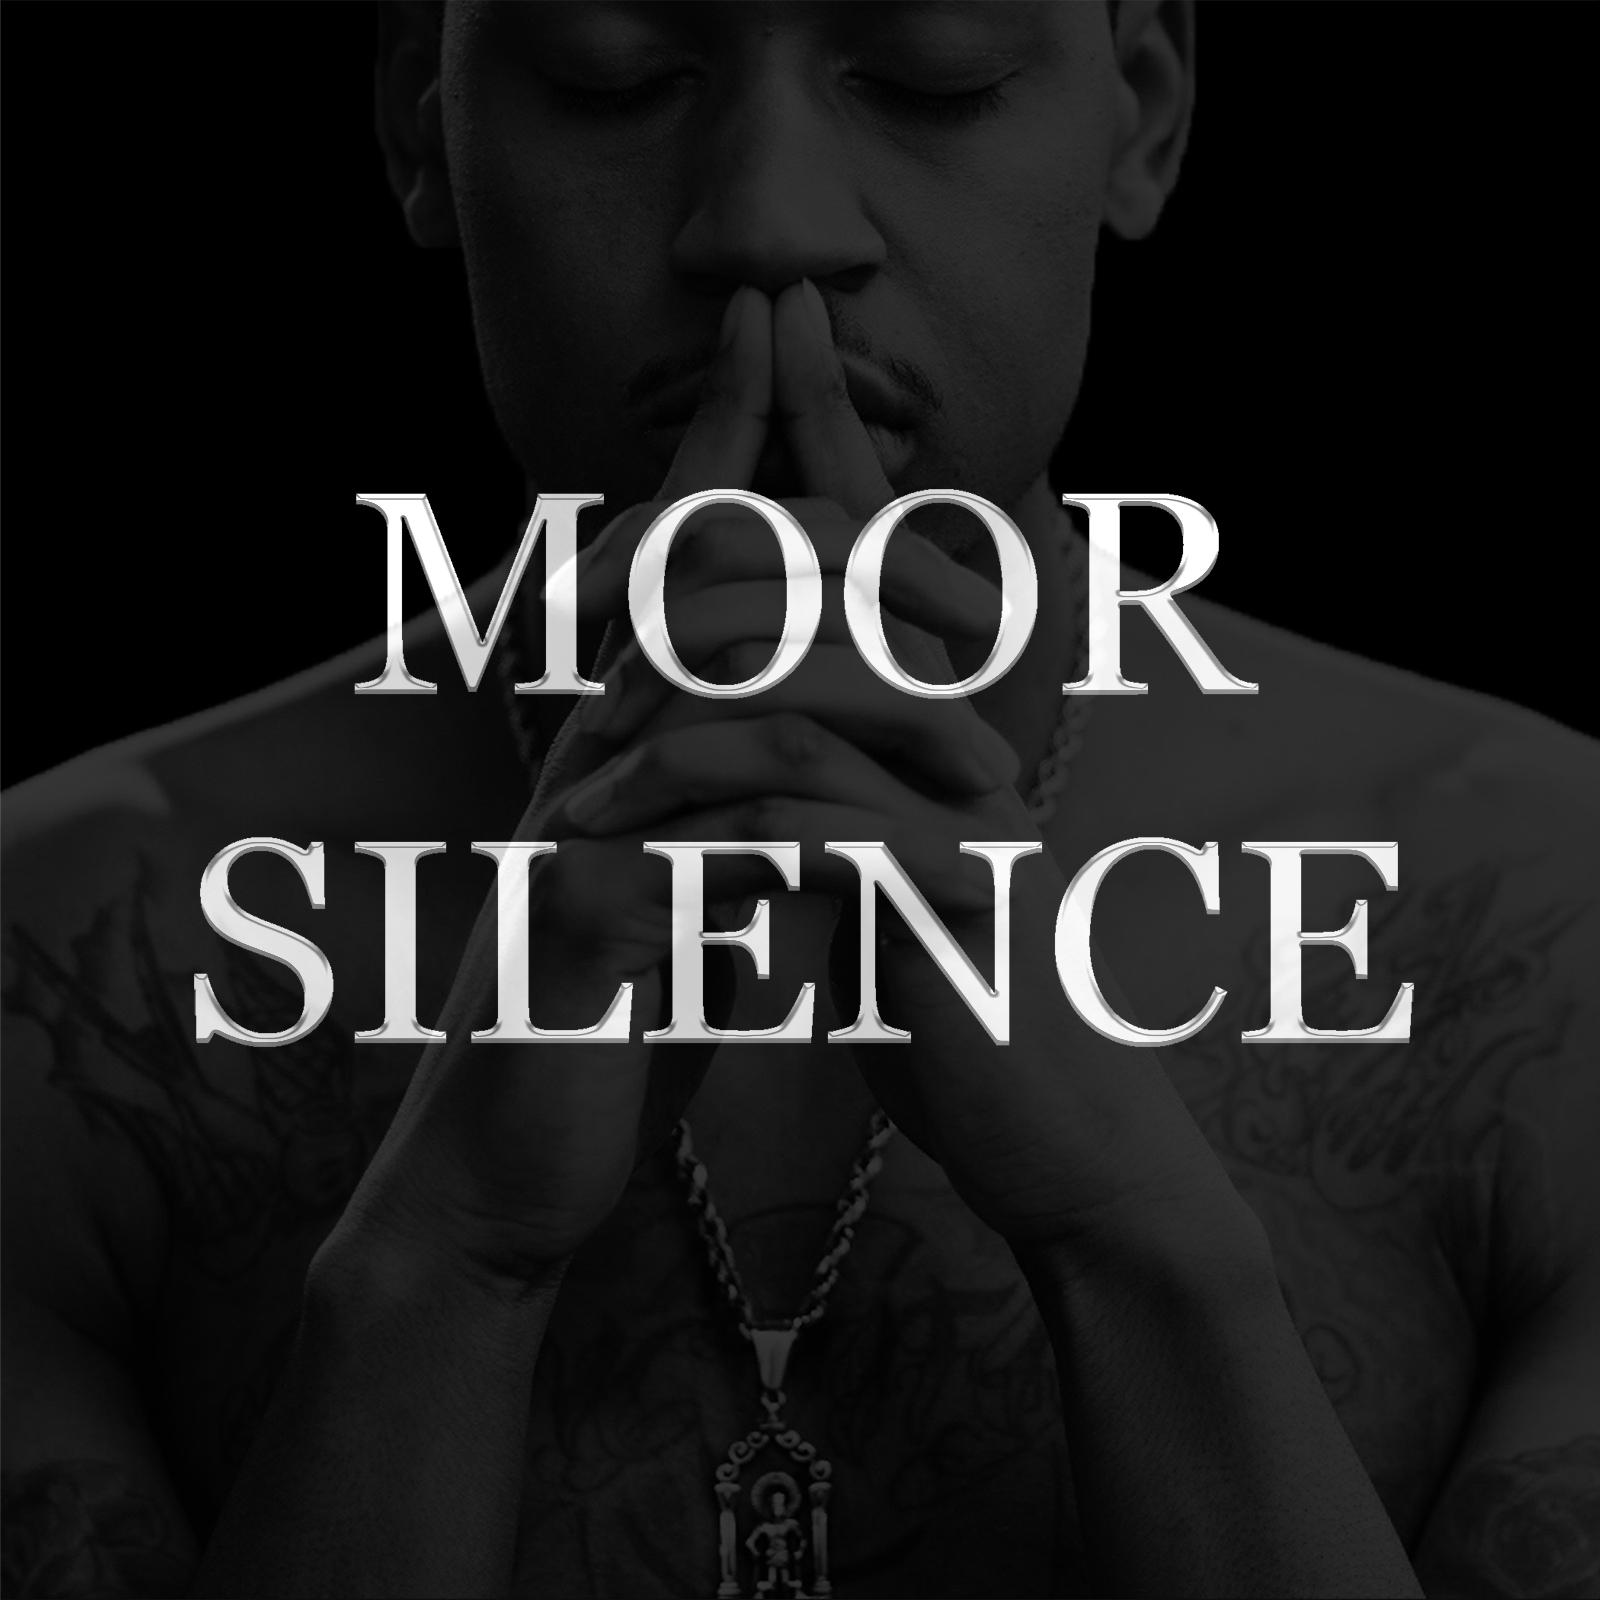 MOOR SILENCE